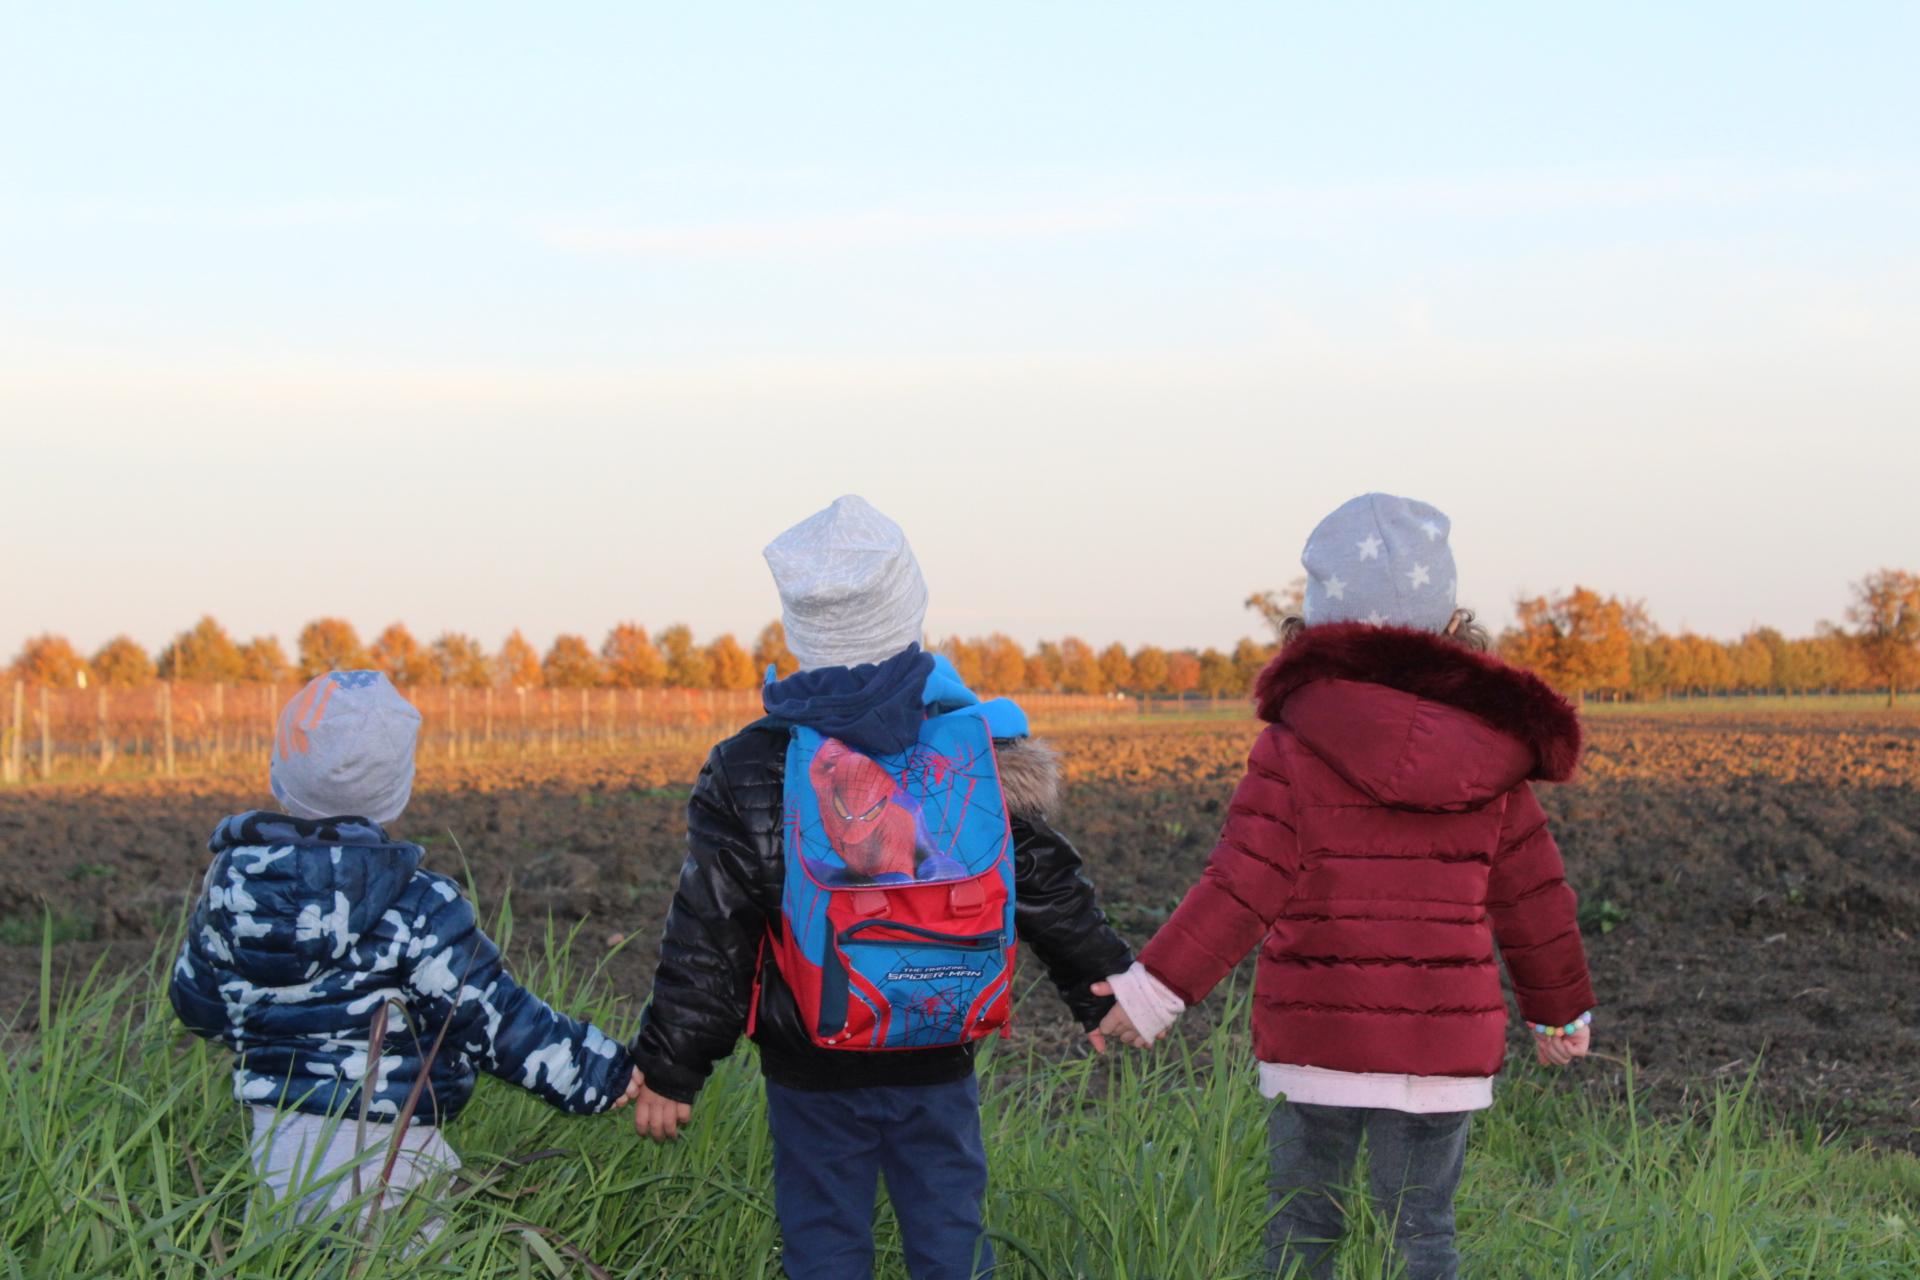 I bambini non sono burattini. Smettetela di volerli tutti omologati.